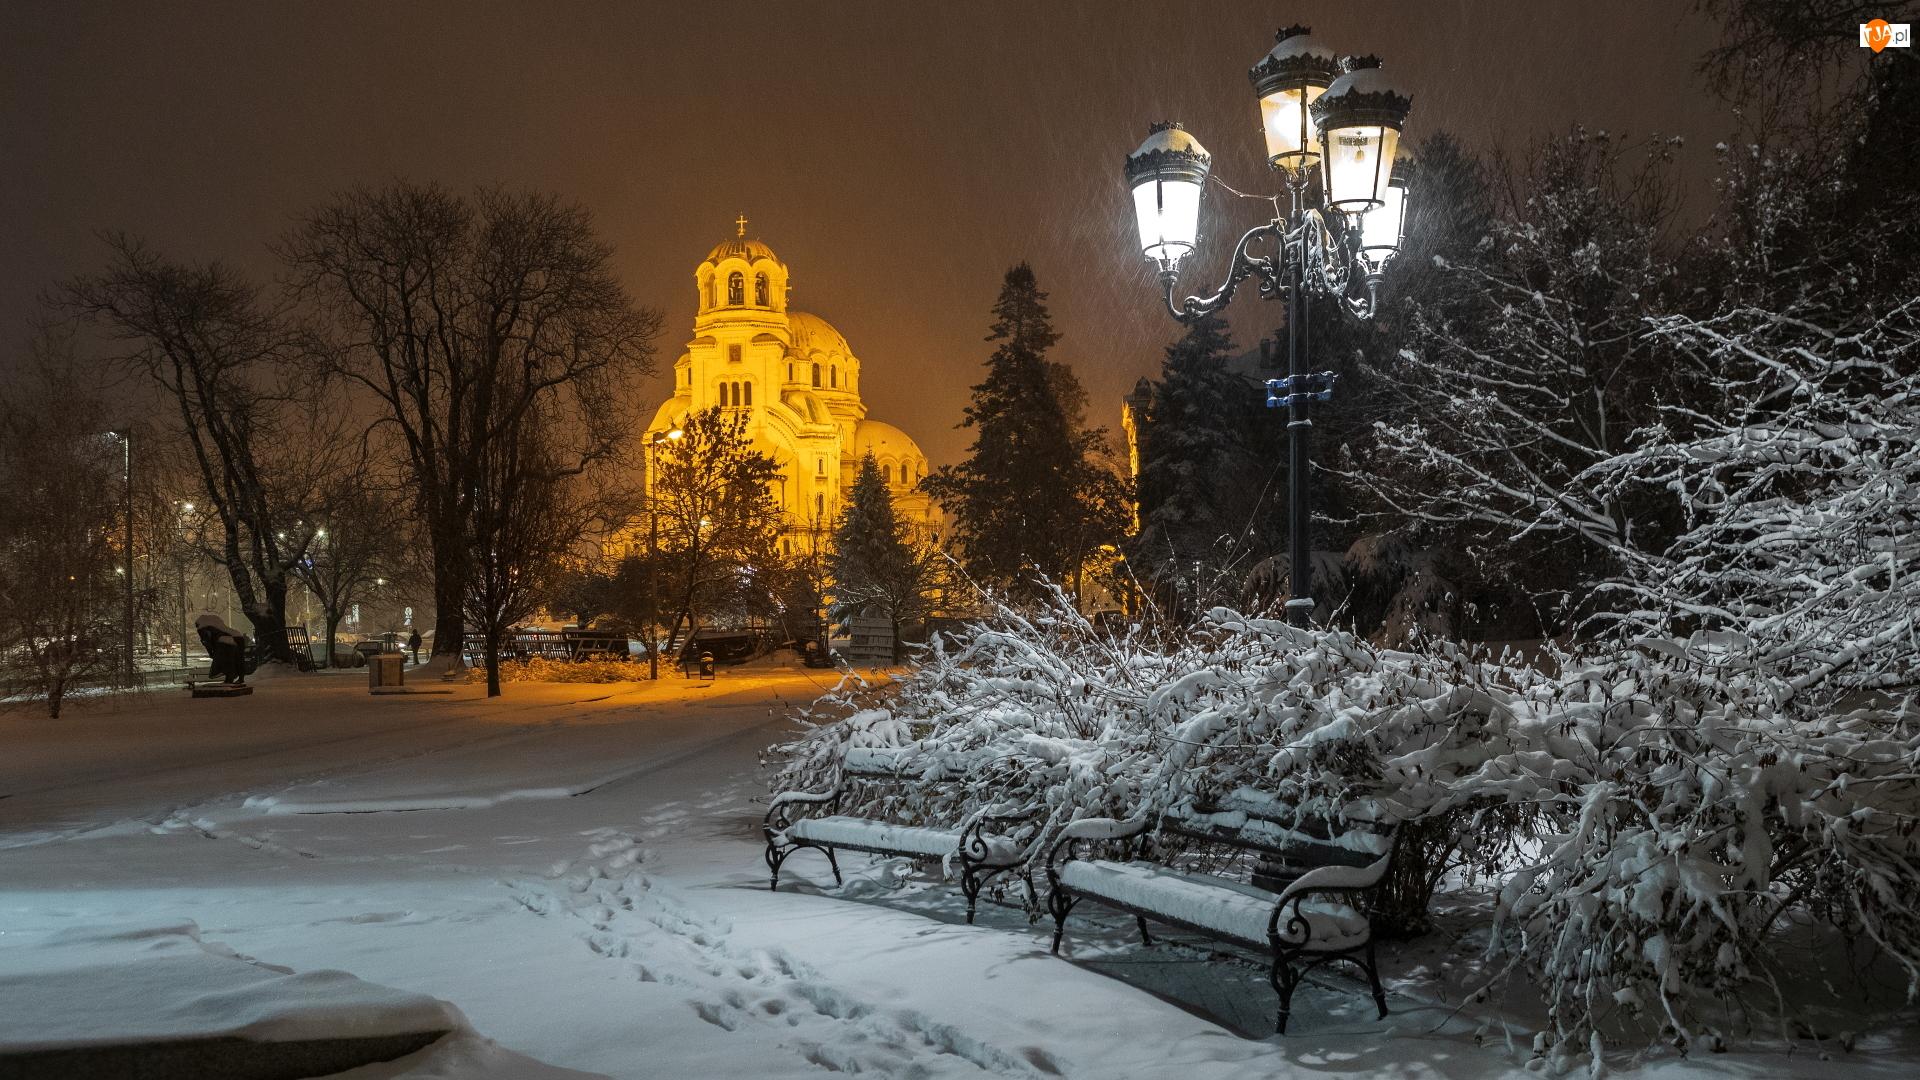 Śnieg, Ławki, Latarnia, Krzewy, Zima, Park, Cerkiew, Oświetlona, Drzewa, Padający